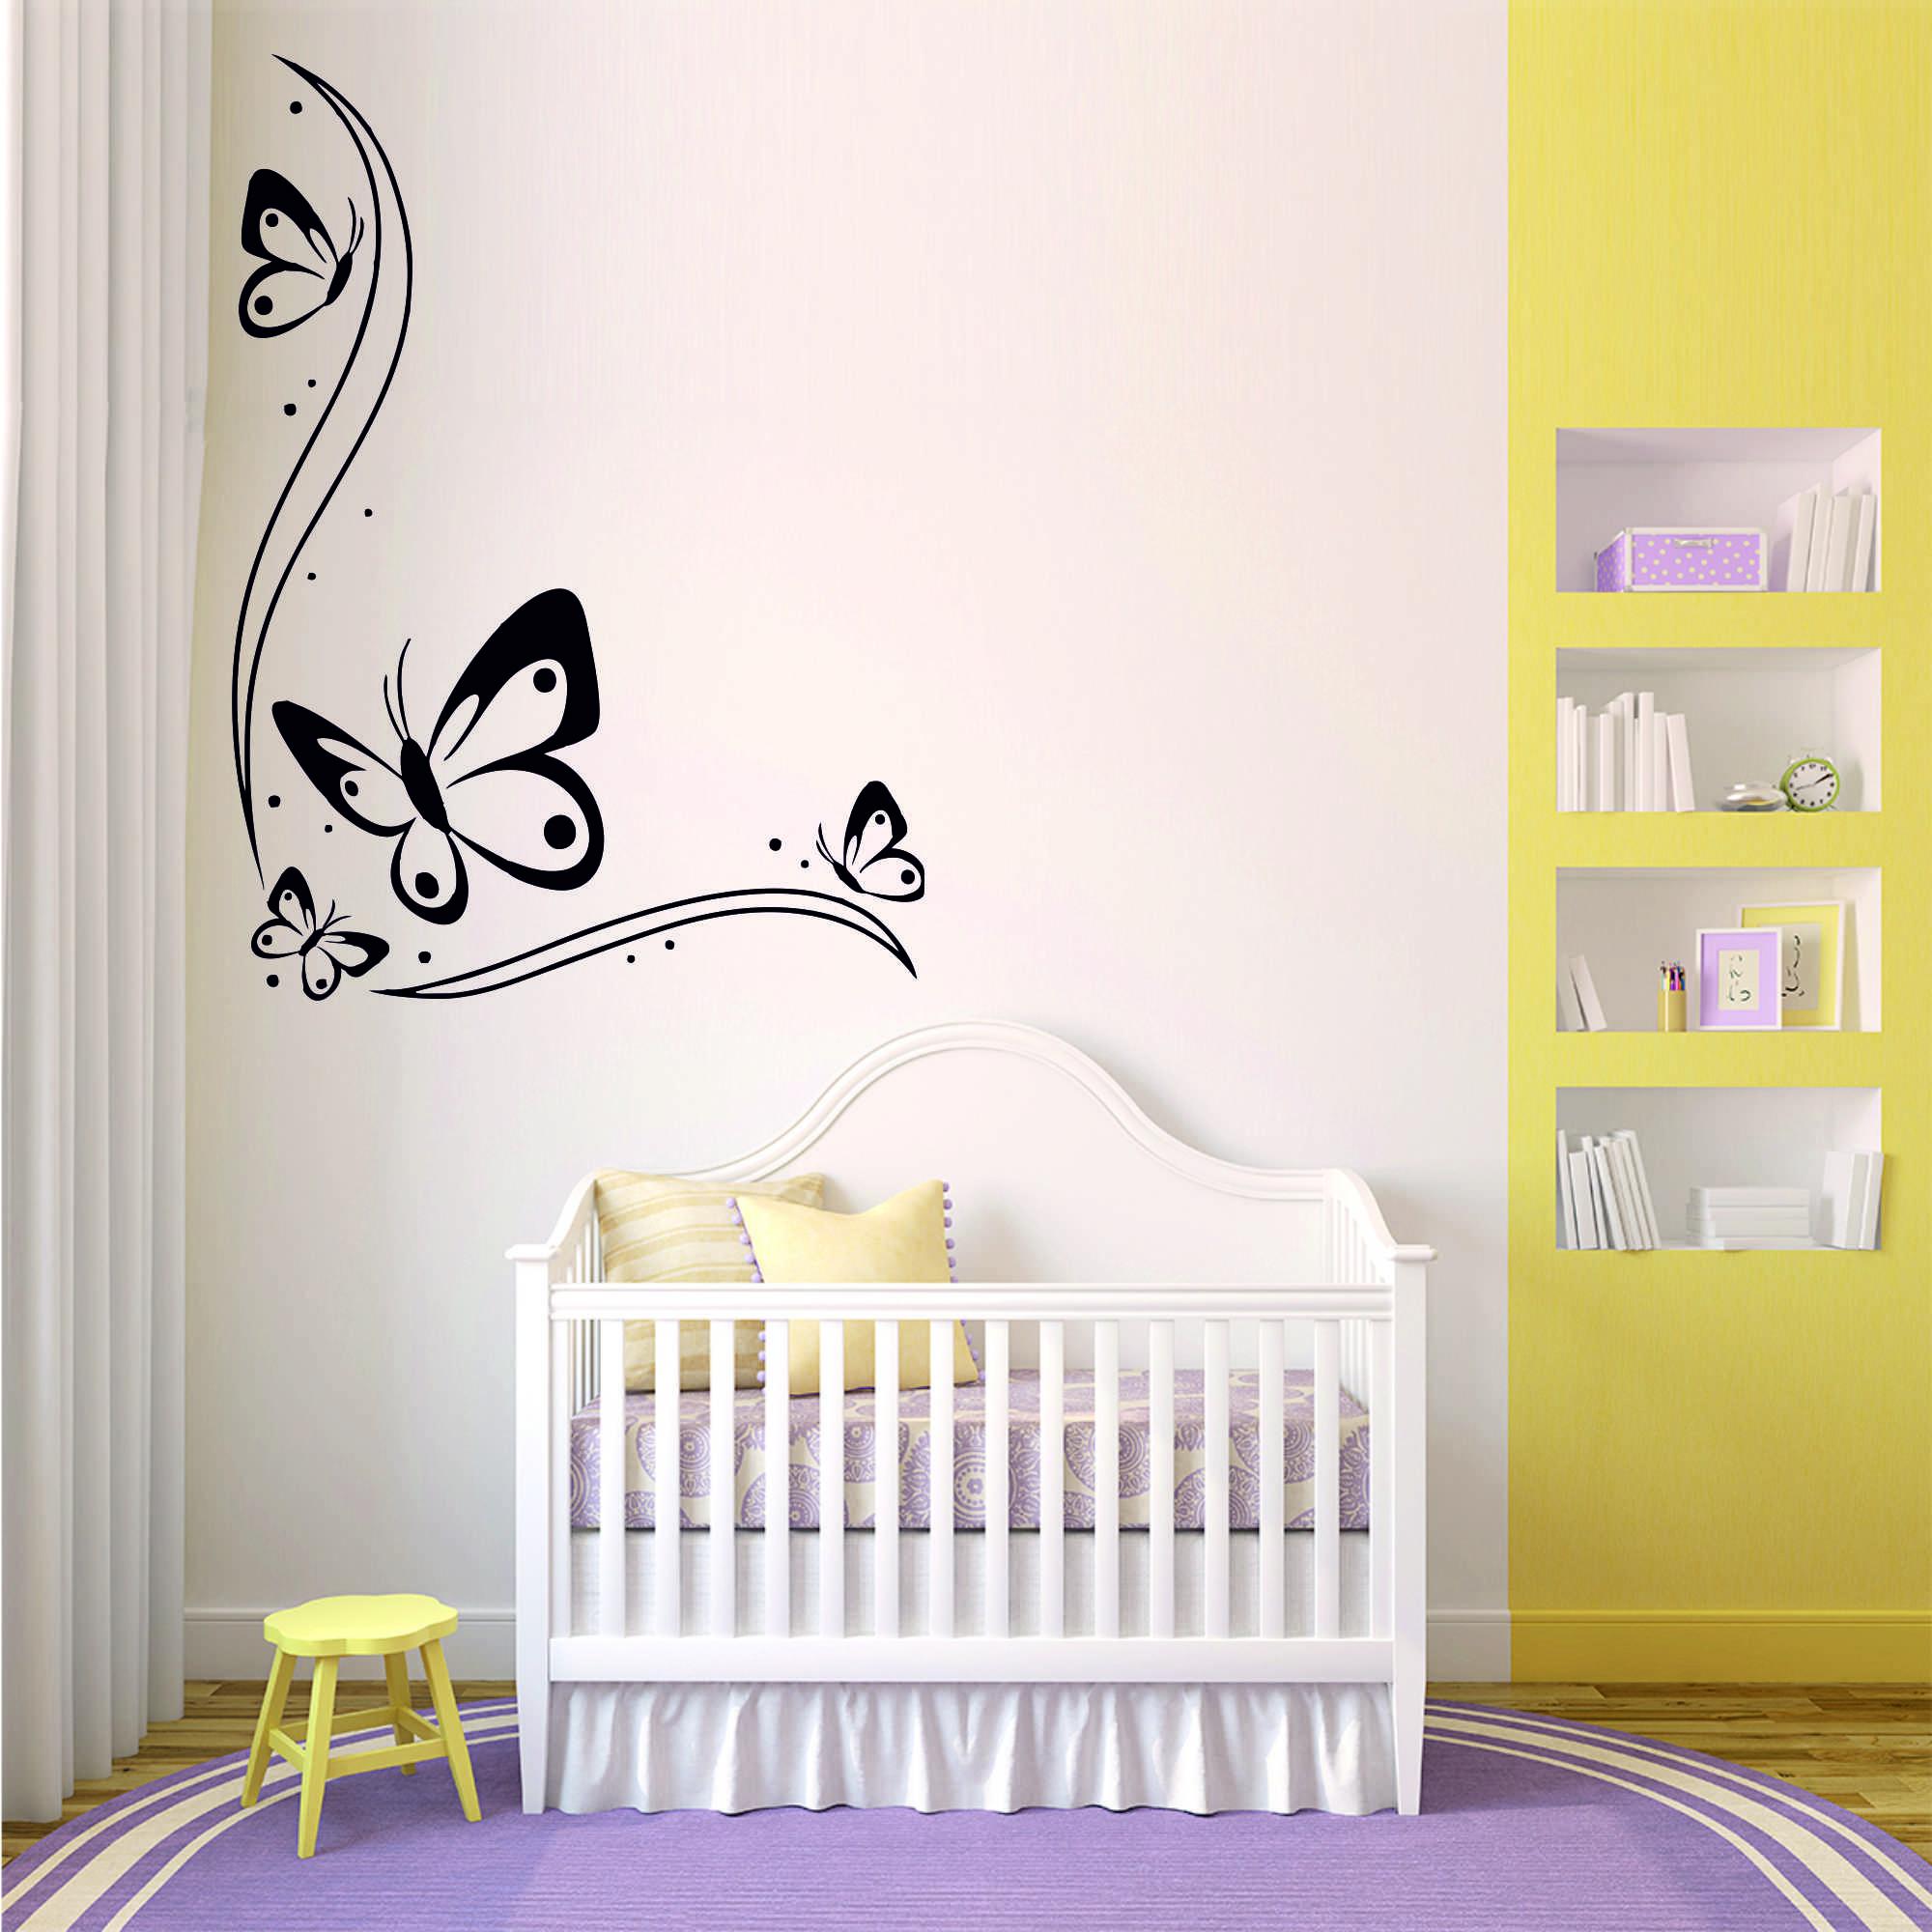 Samolepka na zeď - Motýl ornament - 44x60 cm - PopyDesign